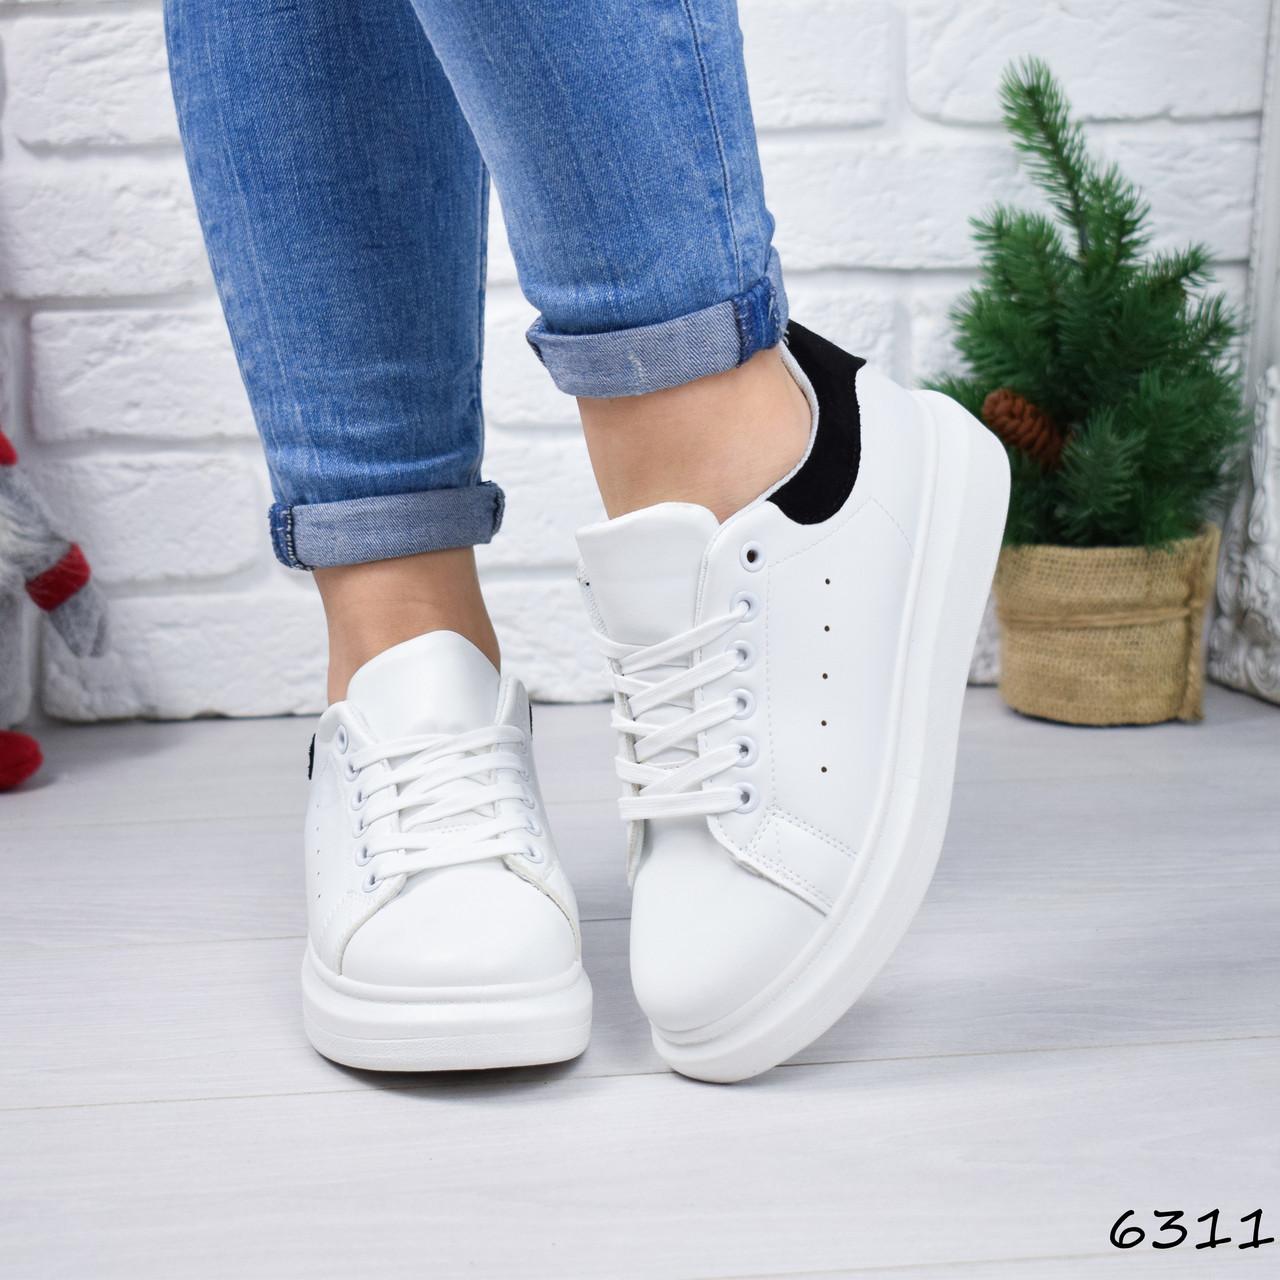 Женские кроссовки Fresh белый + черный 6311